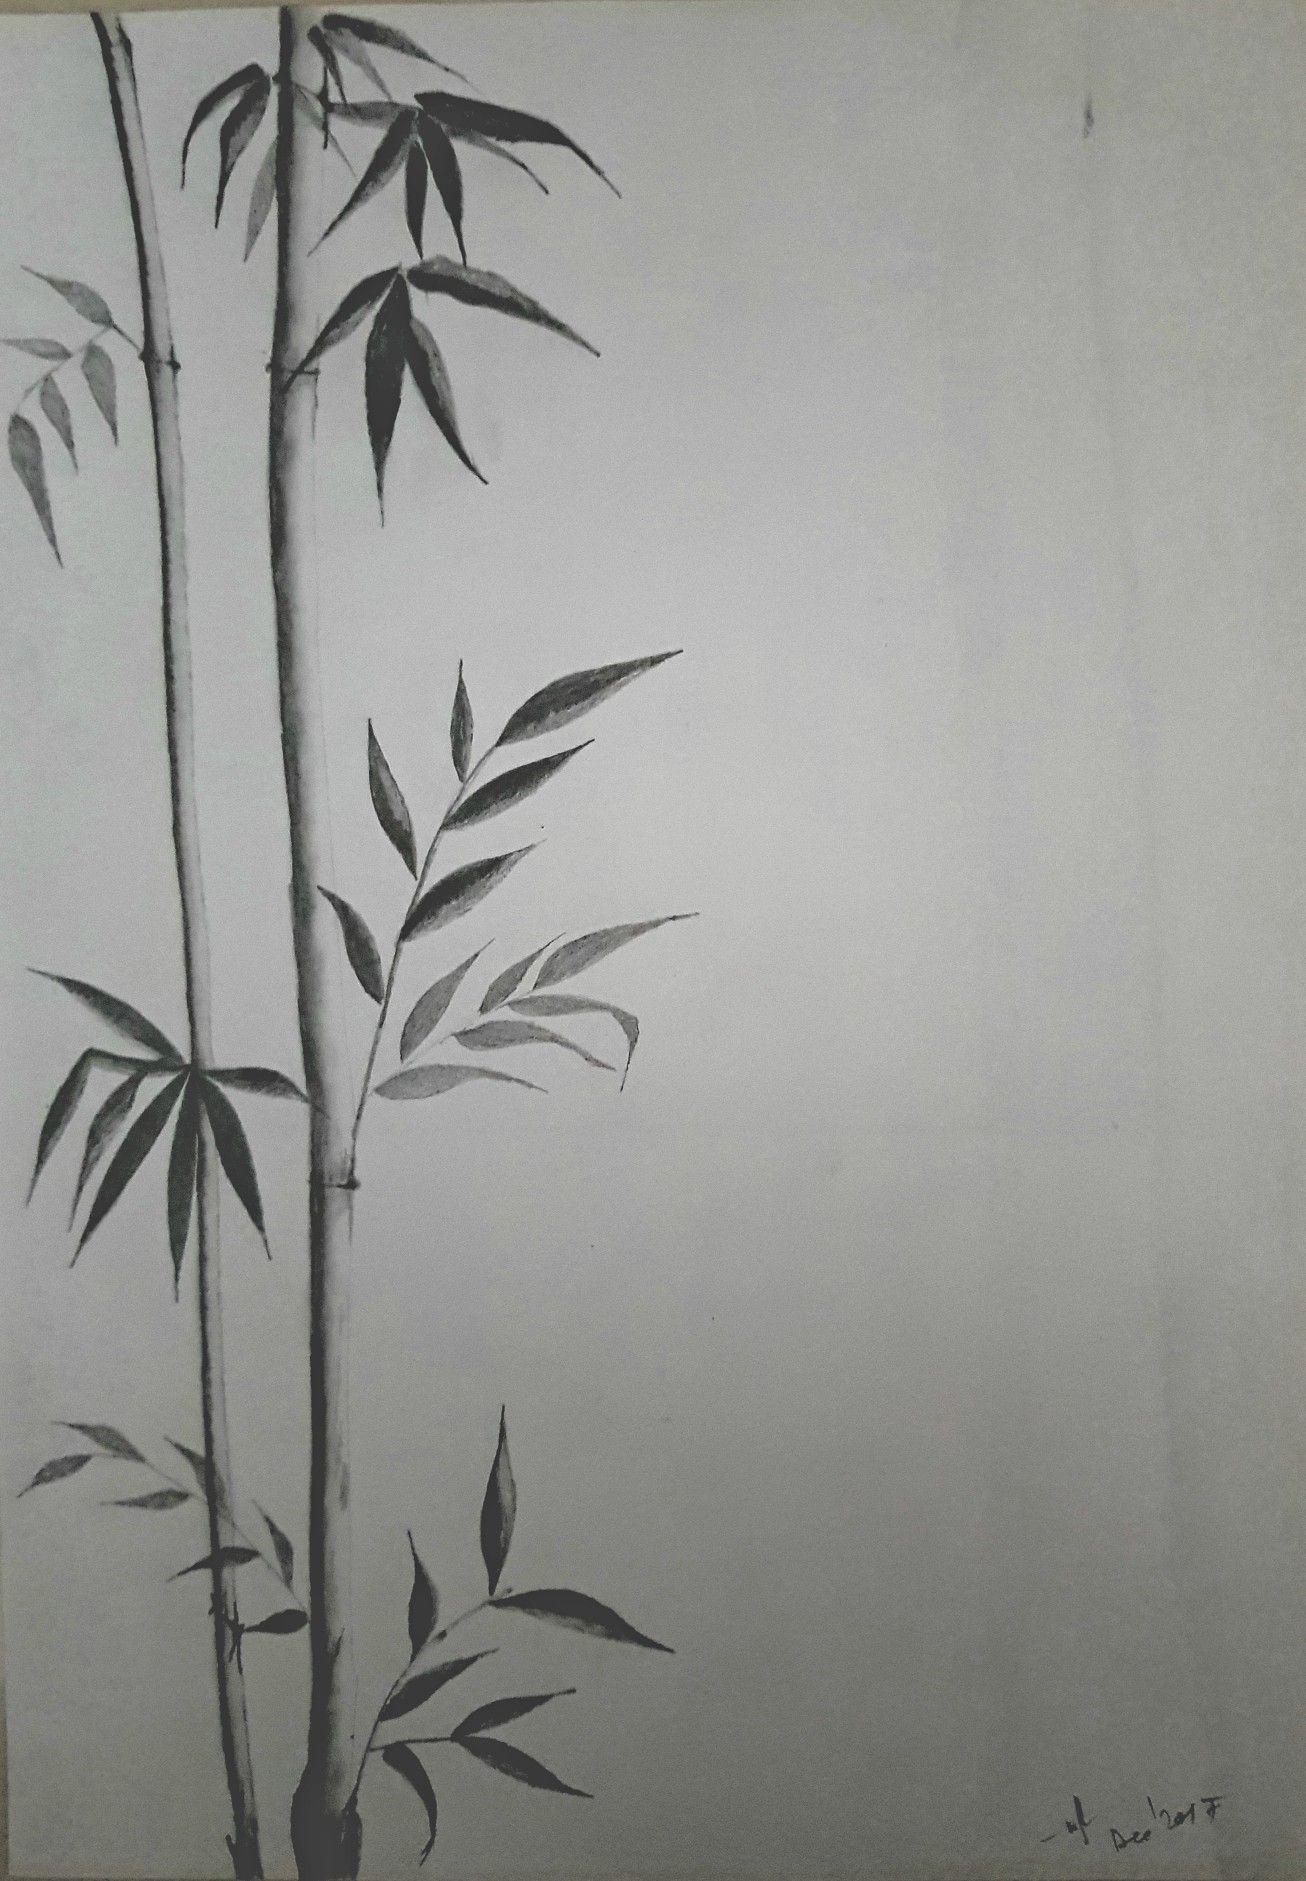 Bamboo plant pencil sketch my sketches pencil sketches pencil